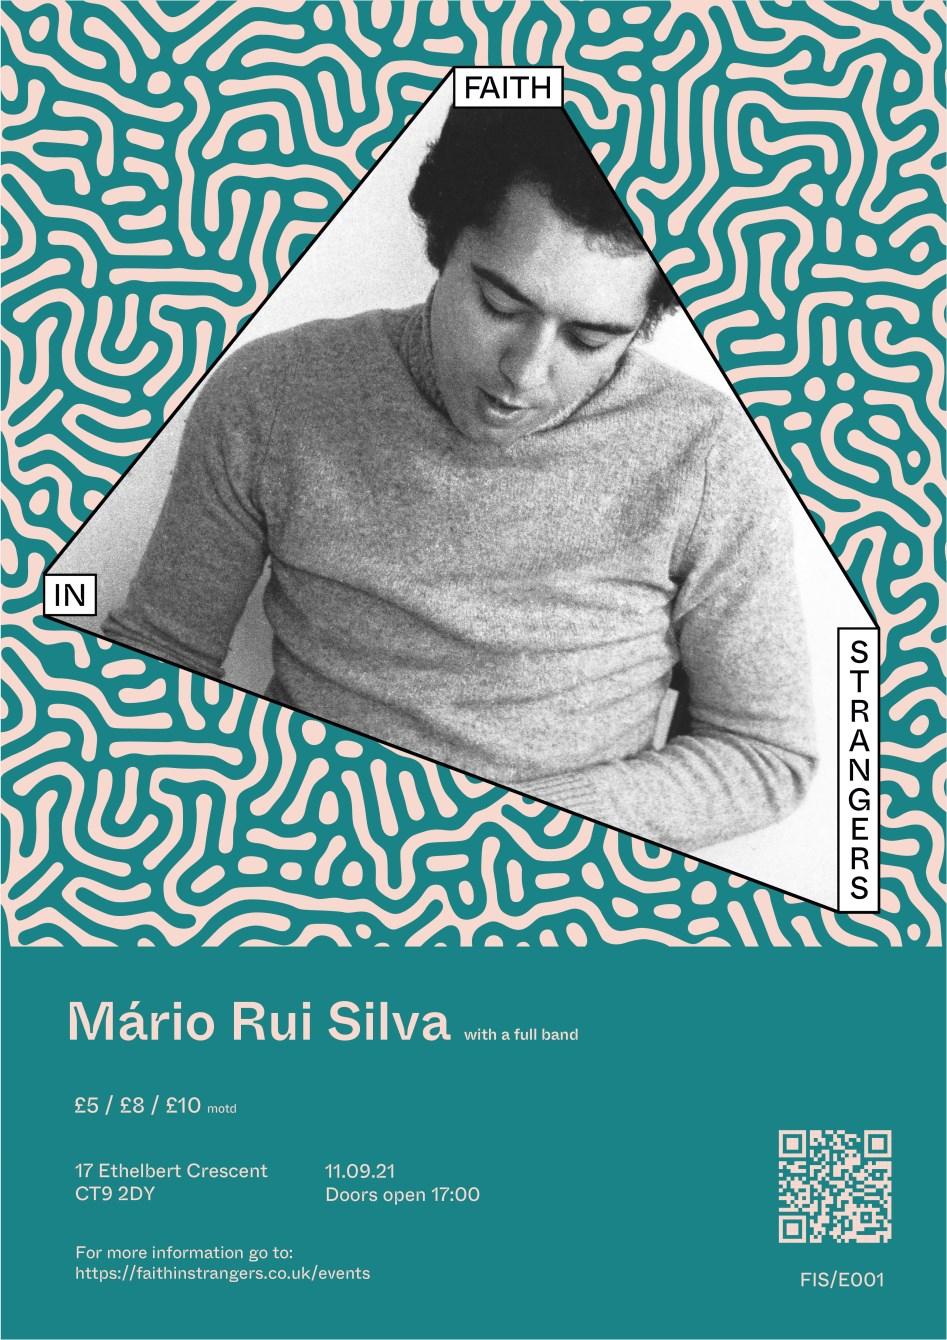 Mário Rui Silva - Flyer front